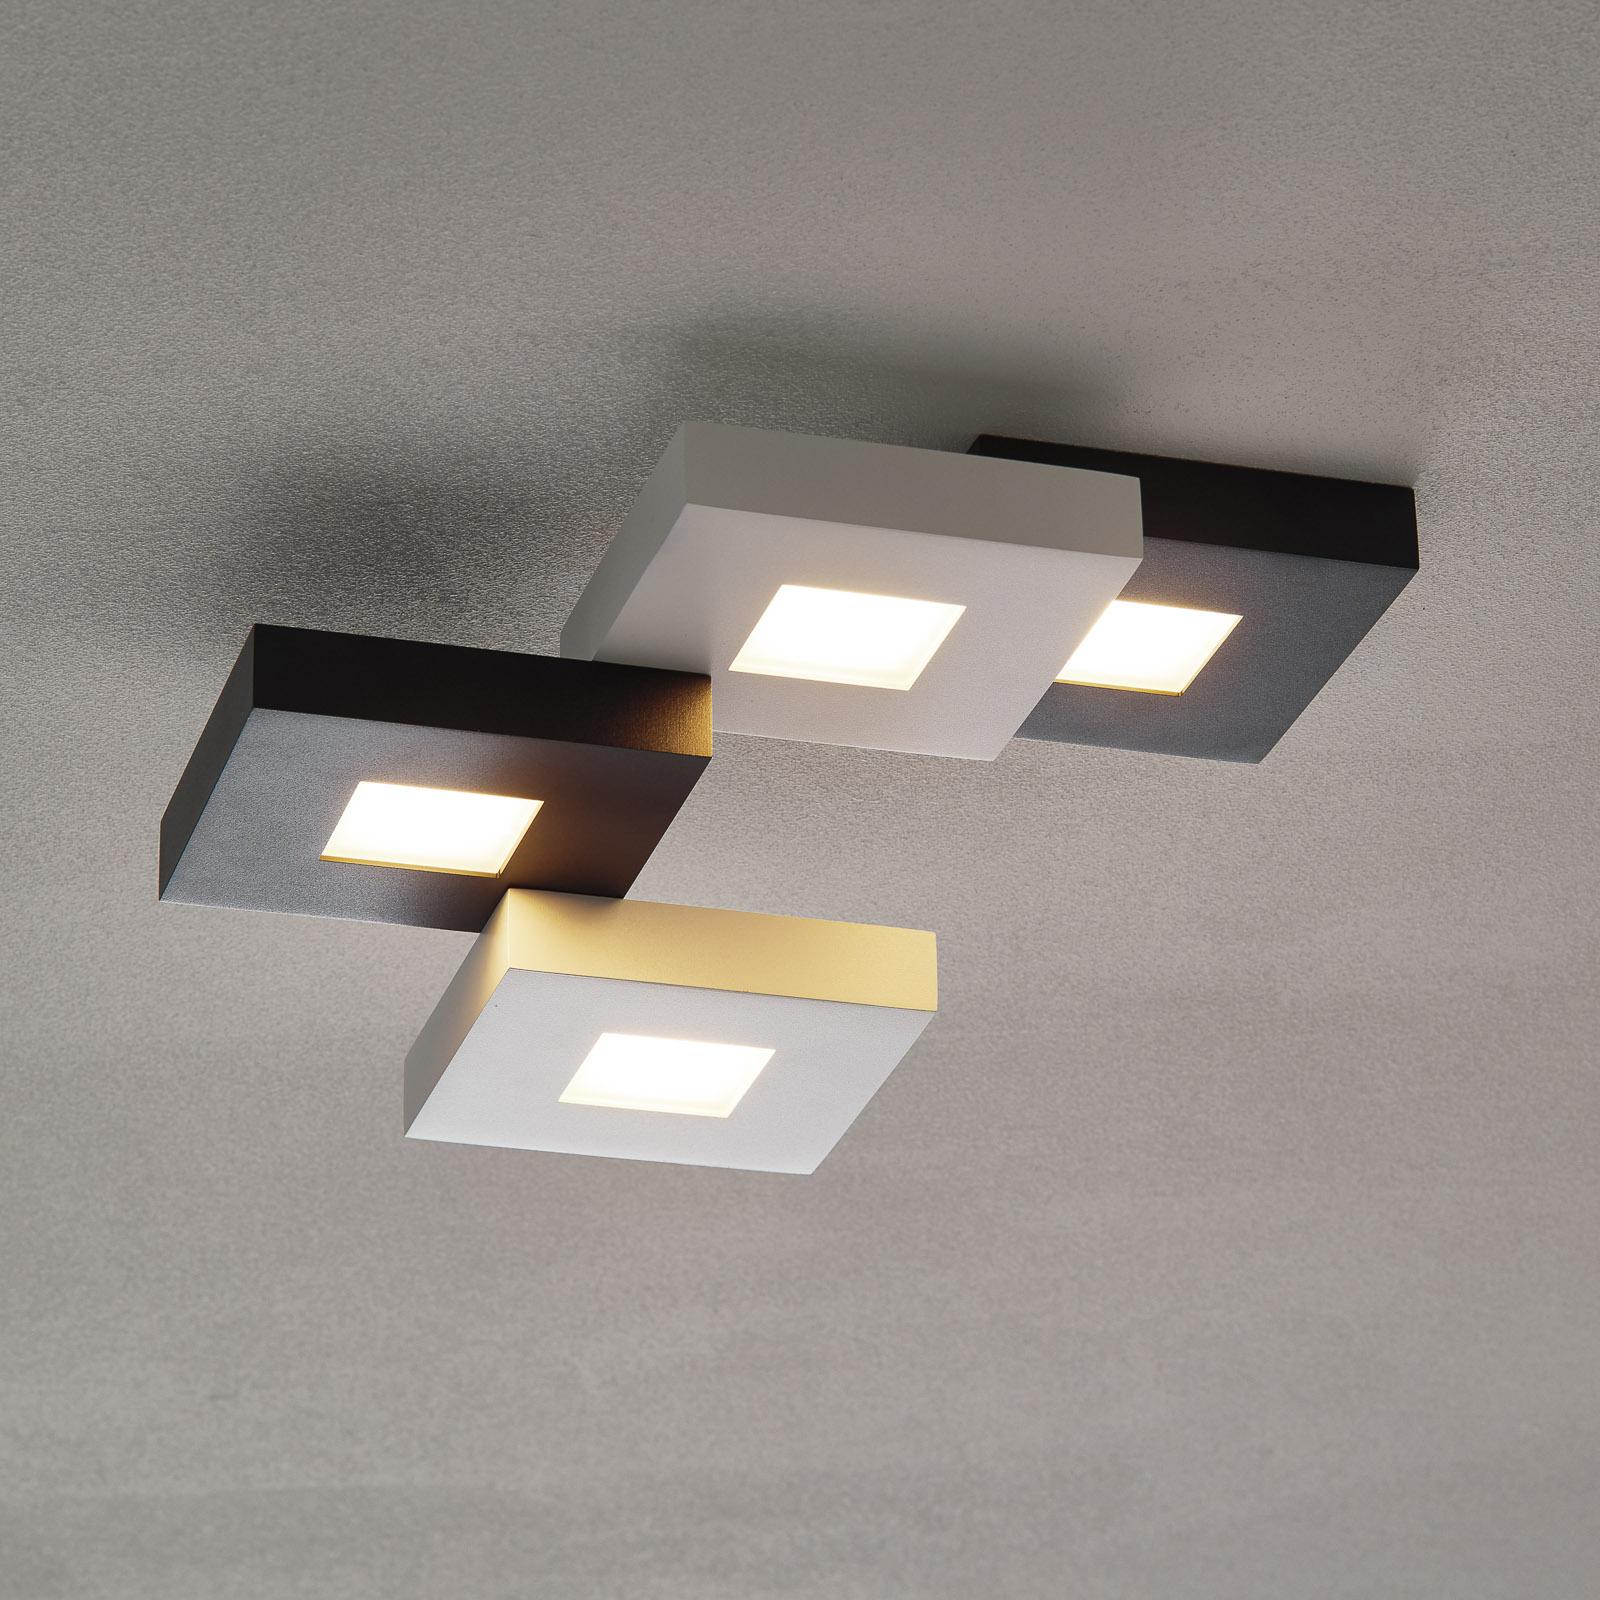 Cubus - LED ceiling lamp in black & white, 4-bulb._1556076_1